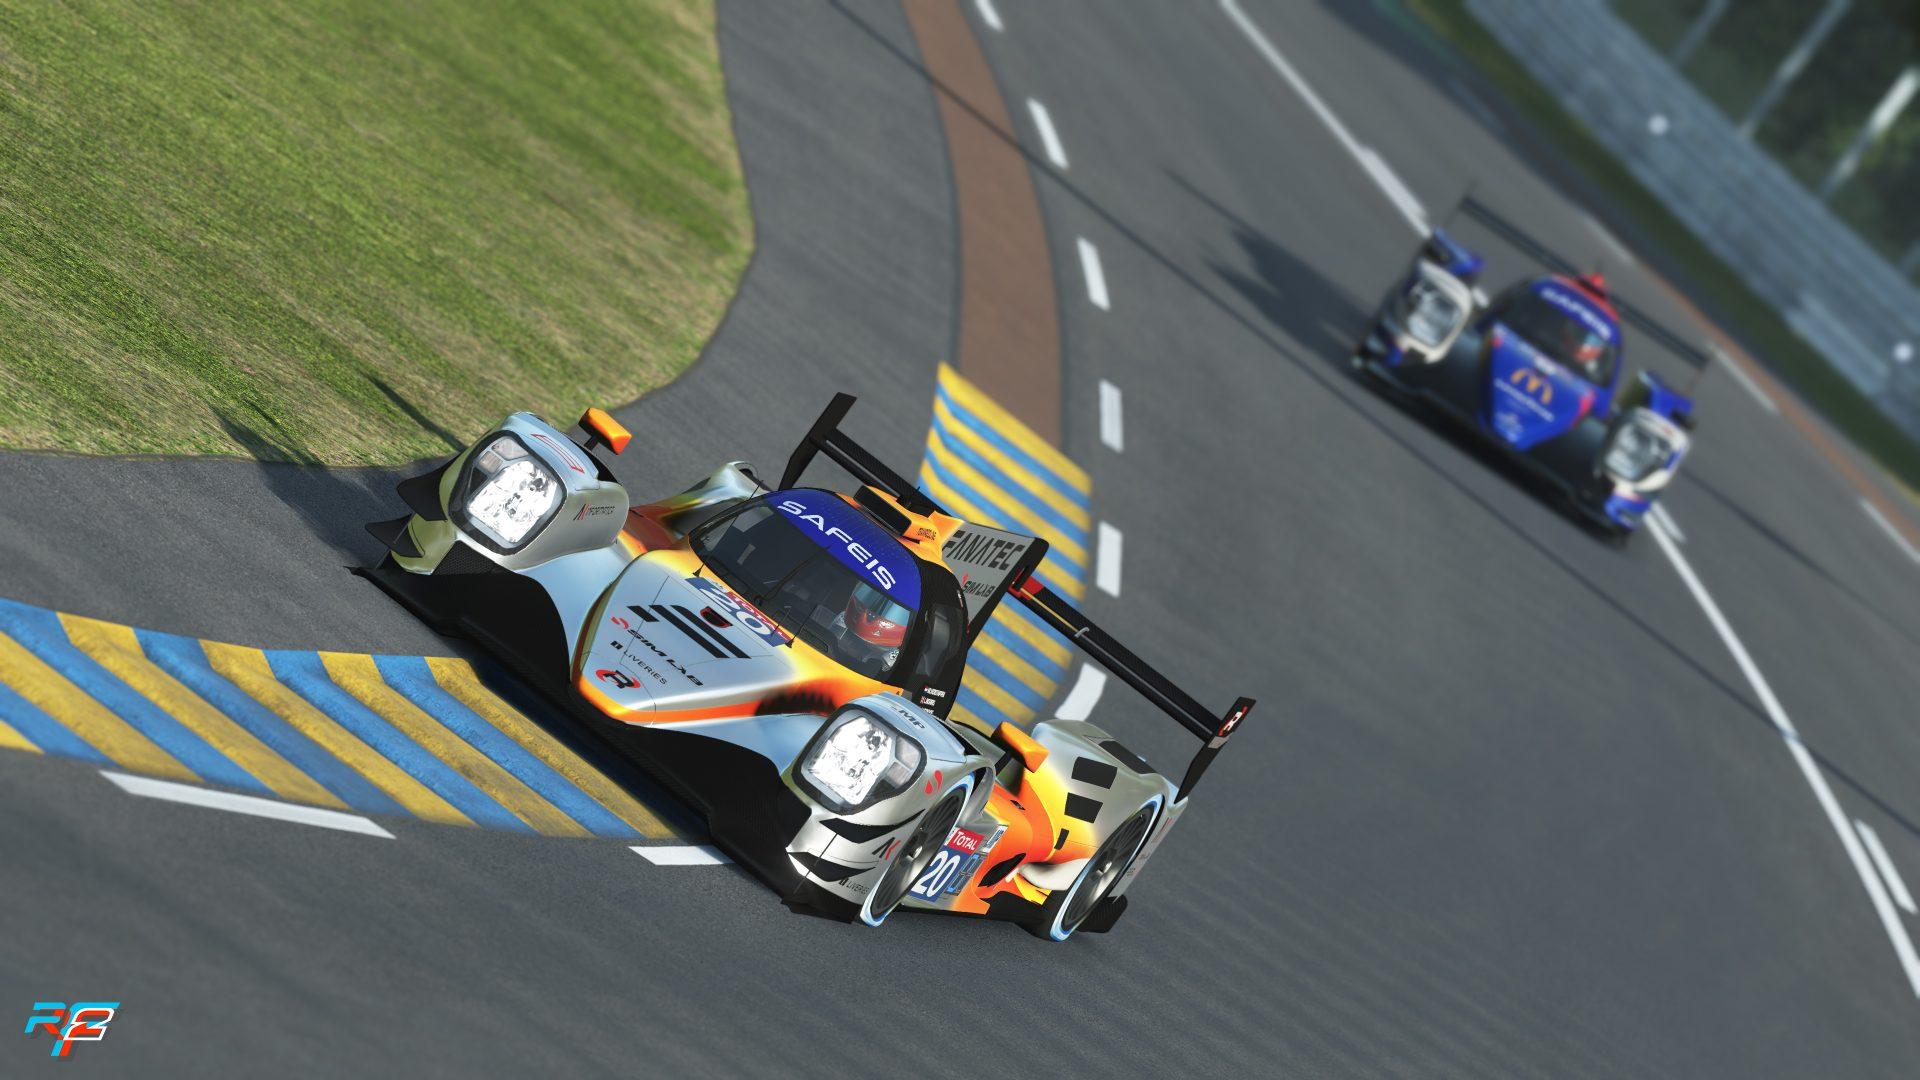 2020_Le_Mans_Virtual_04-1920x1080.jpg